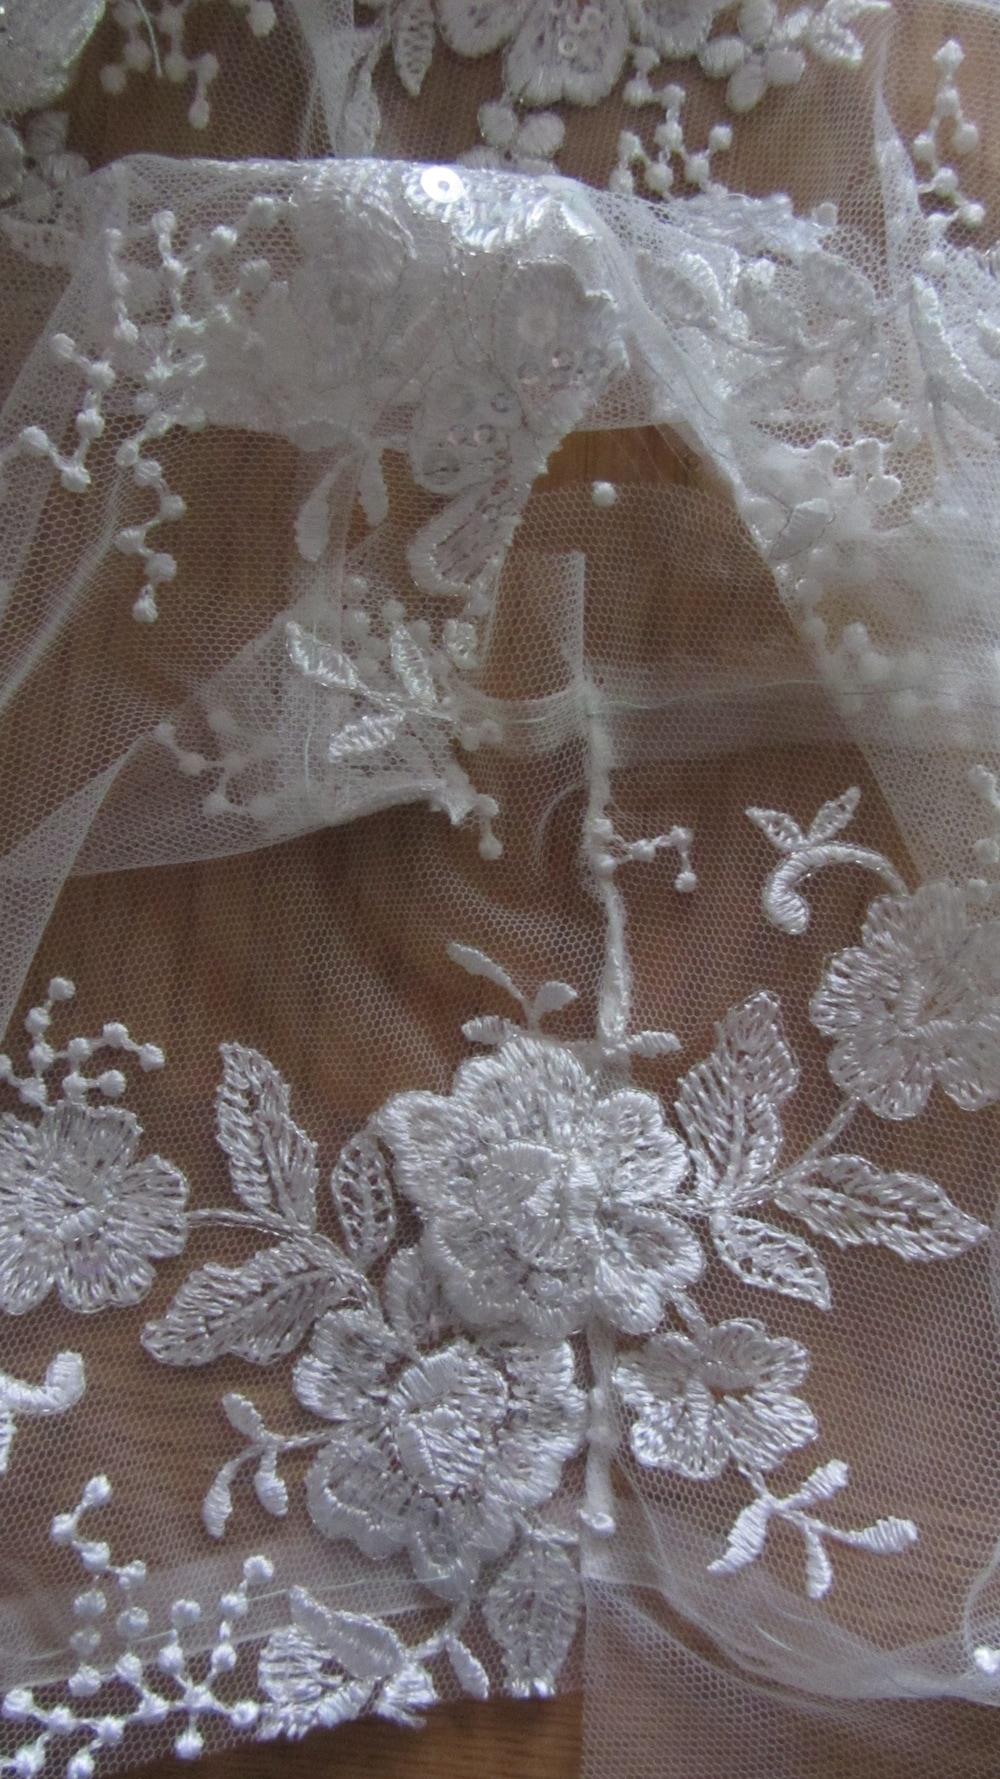 Handmade wedding dress lace bodice applique shoulder seams 2.jpg